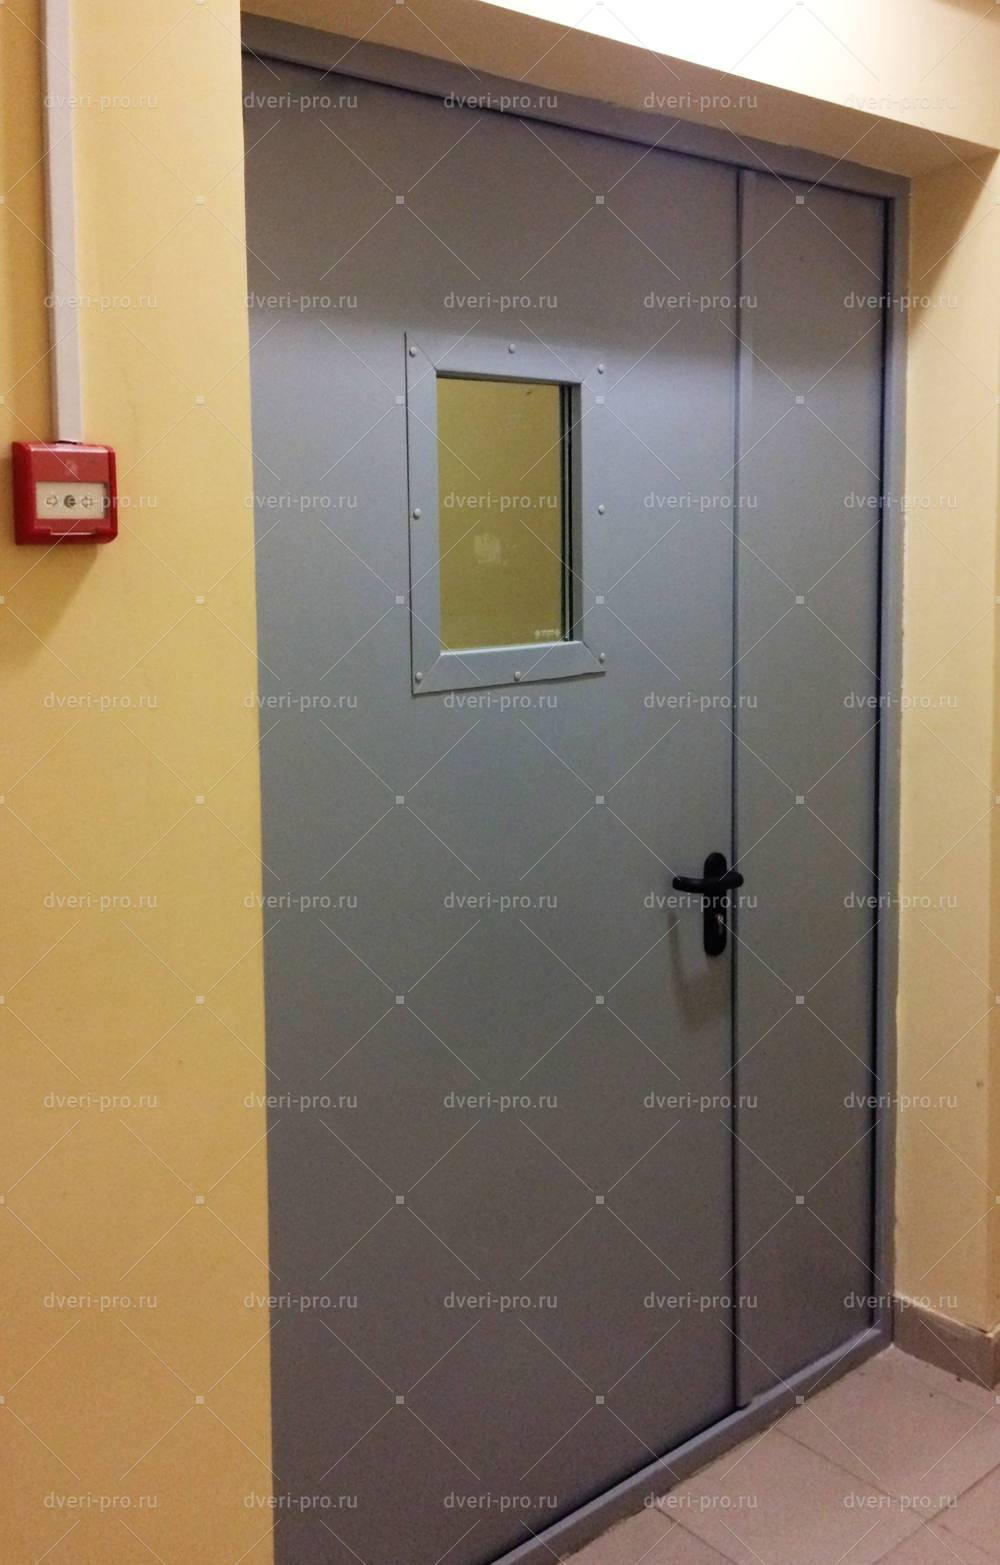 монтаж противопожарной двери со стеклом для лифтового холла